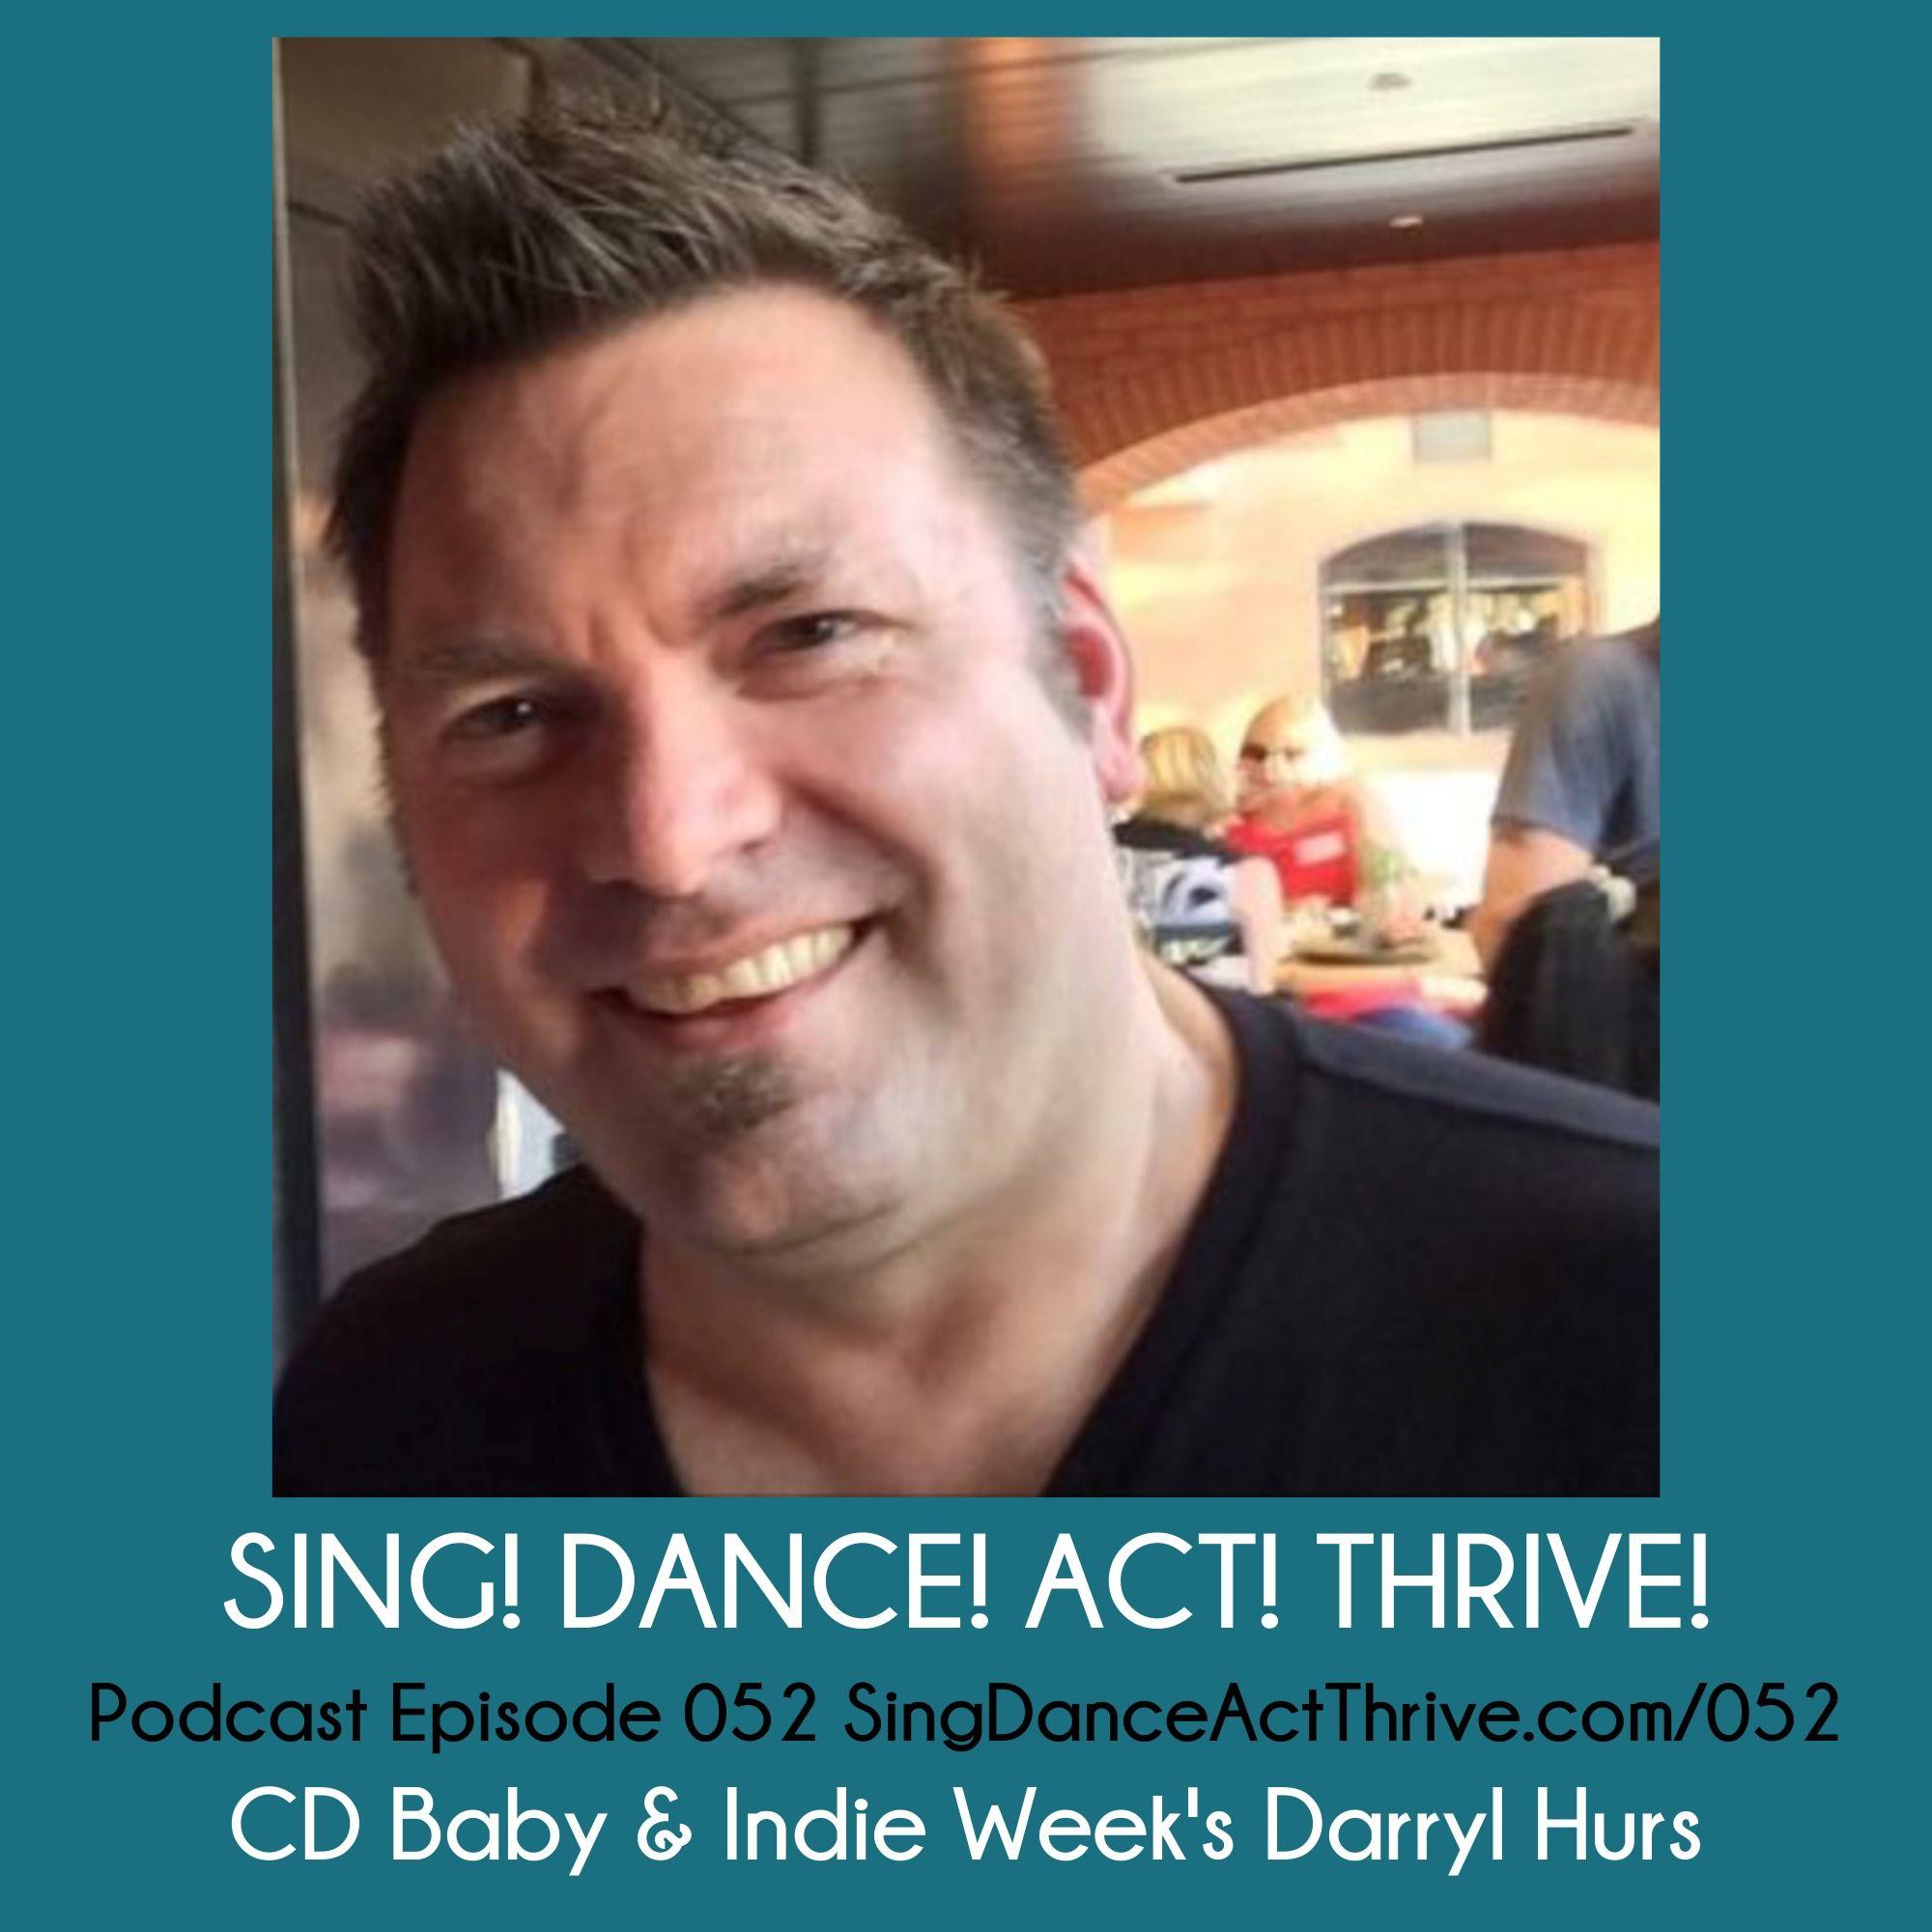 CD Baby & Indie Week's Darryl Hurs